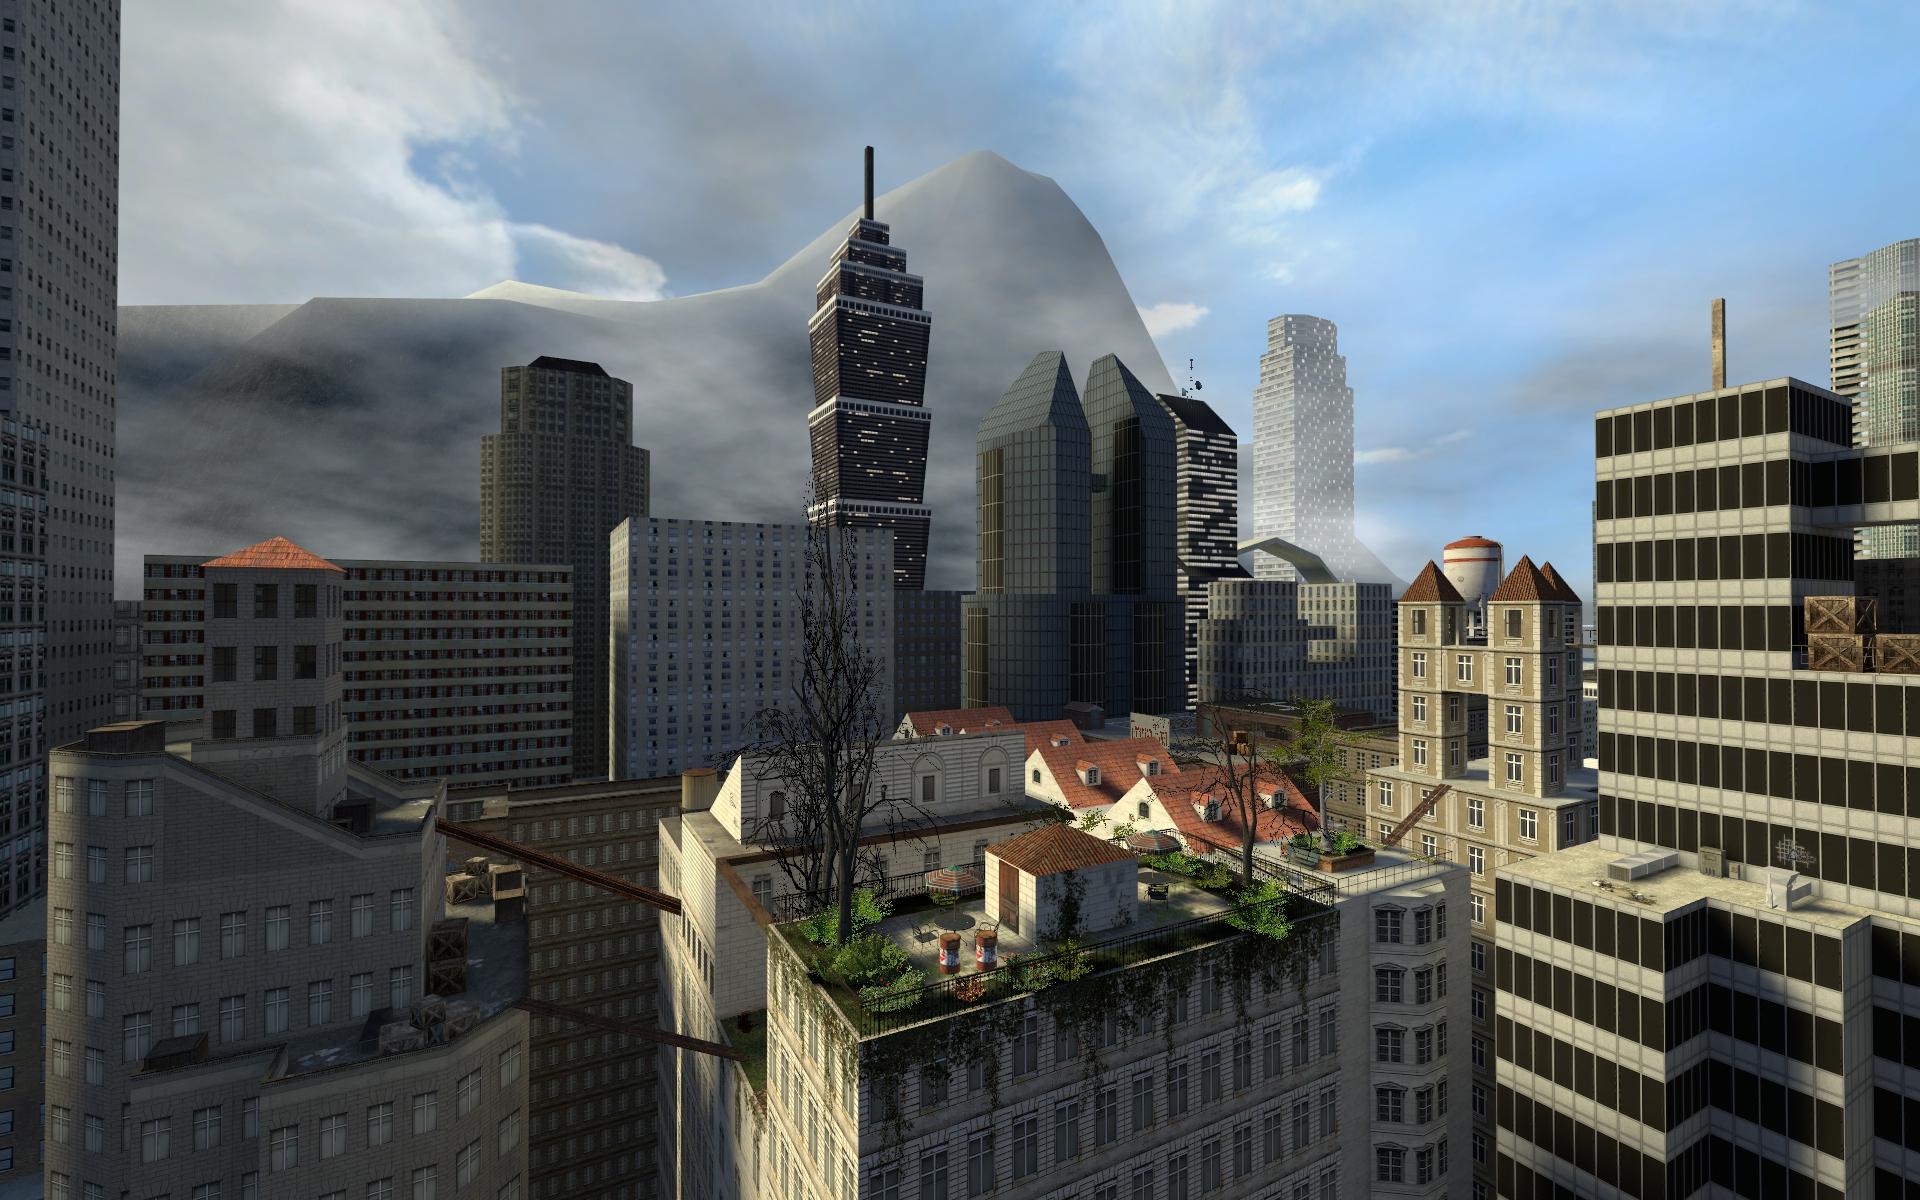 Гаррис мод 10 скачать карту город